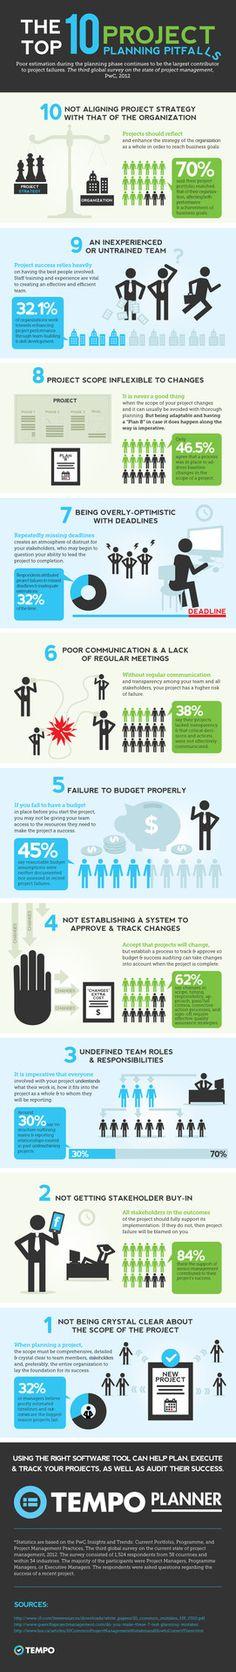 Les 10pièges de la planification de projets via Why do plans fail? http://erdelcroix.tumblr.com/post/65328190343/les-10-pieges-de-la-planification-de-projets-via